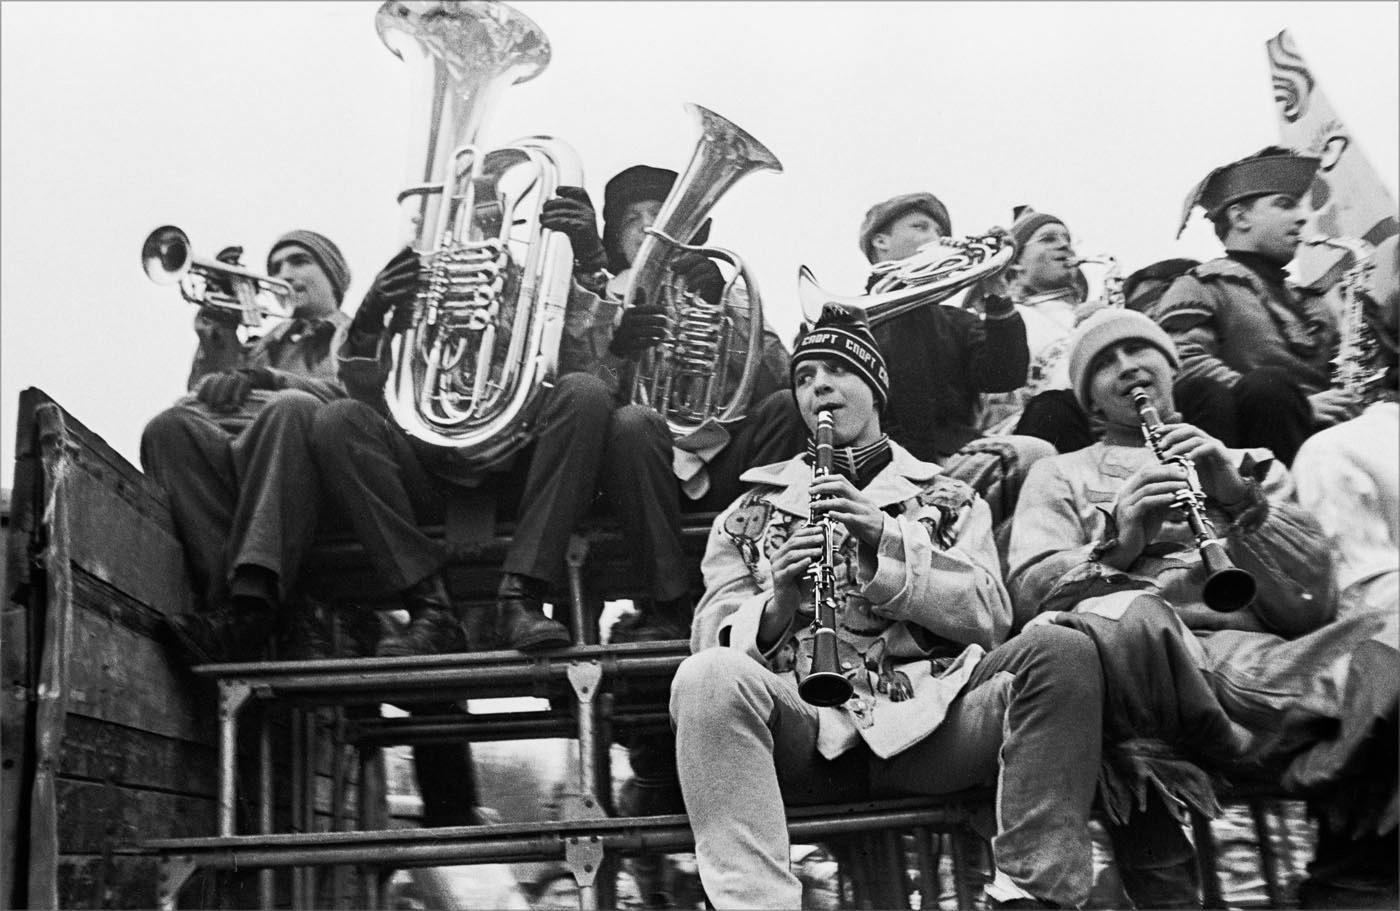 1987. Духовой оркестр в Парке Горького. 11 марта